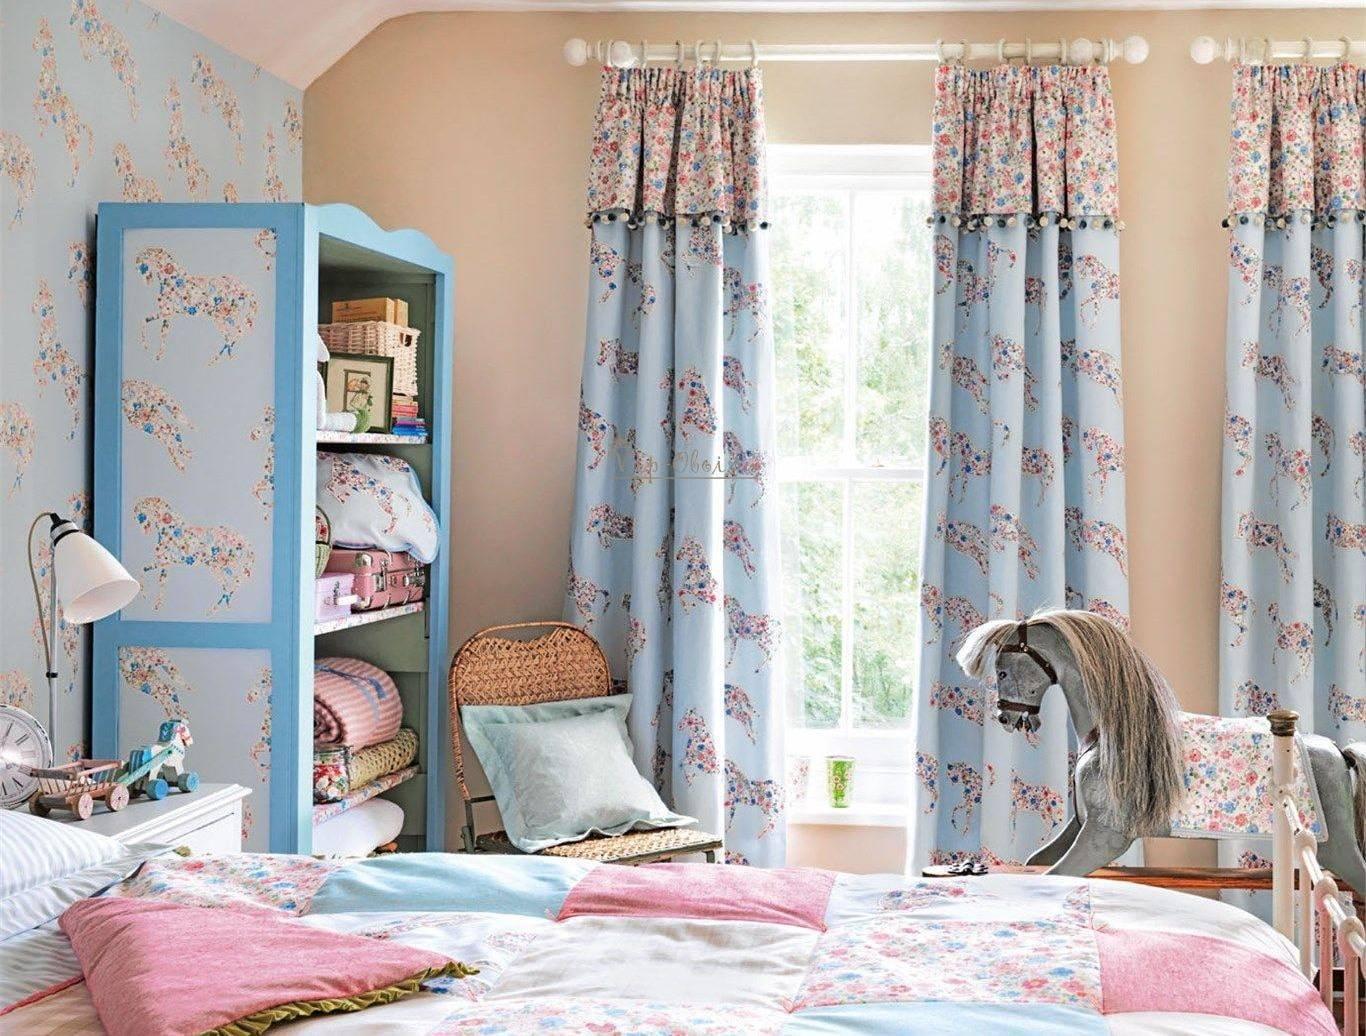 Дизайн штор для детской комнаты: какие шторы удобны и практичны?